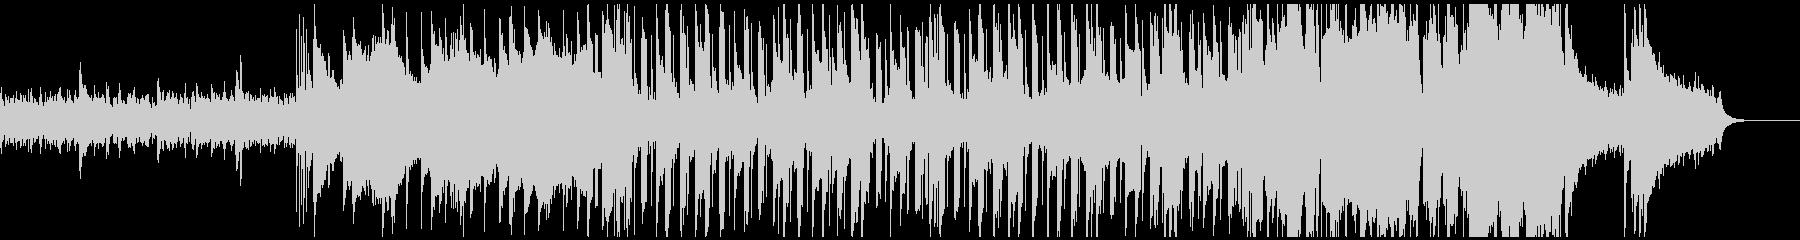 ピアノと木管が主体のポップスの未再生の波形